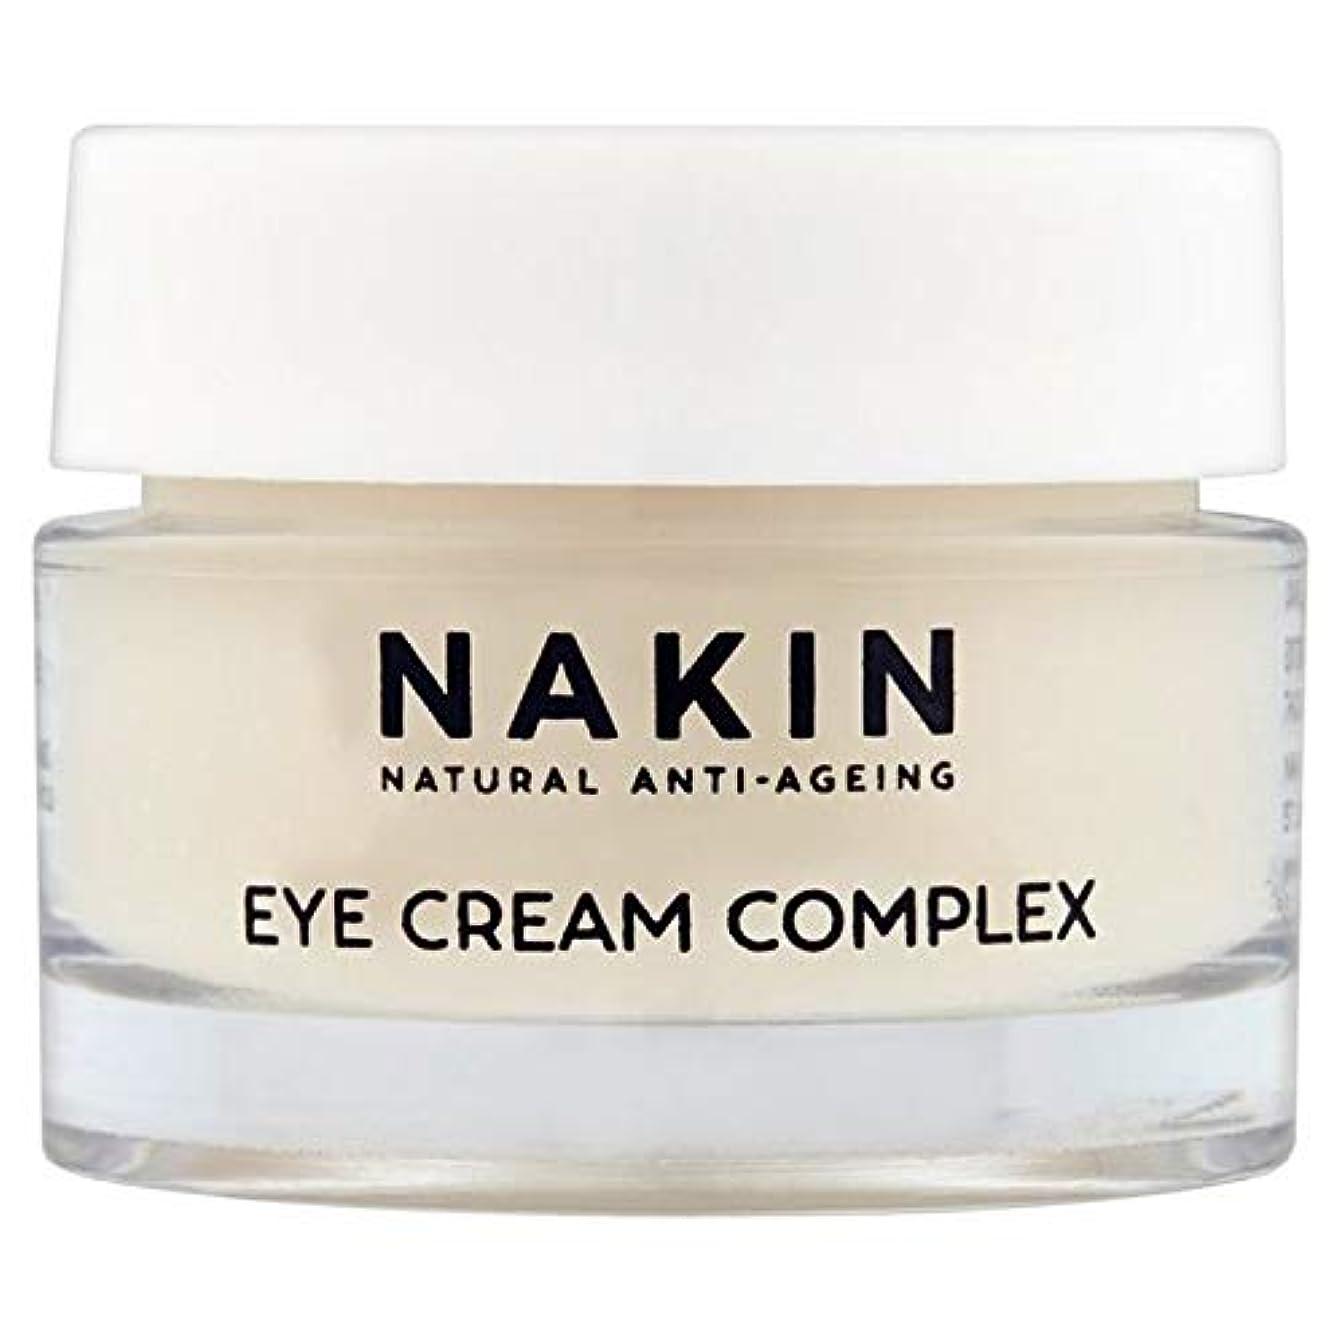 韓国反射ラダ[Nakin] Nakin自然アンチエイジングアイクリームコンプレックス15ミリリットル - Nakin Natural Anti-Ageing Eye Cream Complex 15ml [並行輸入品]